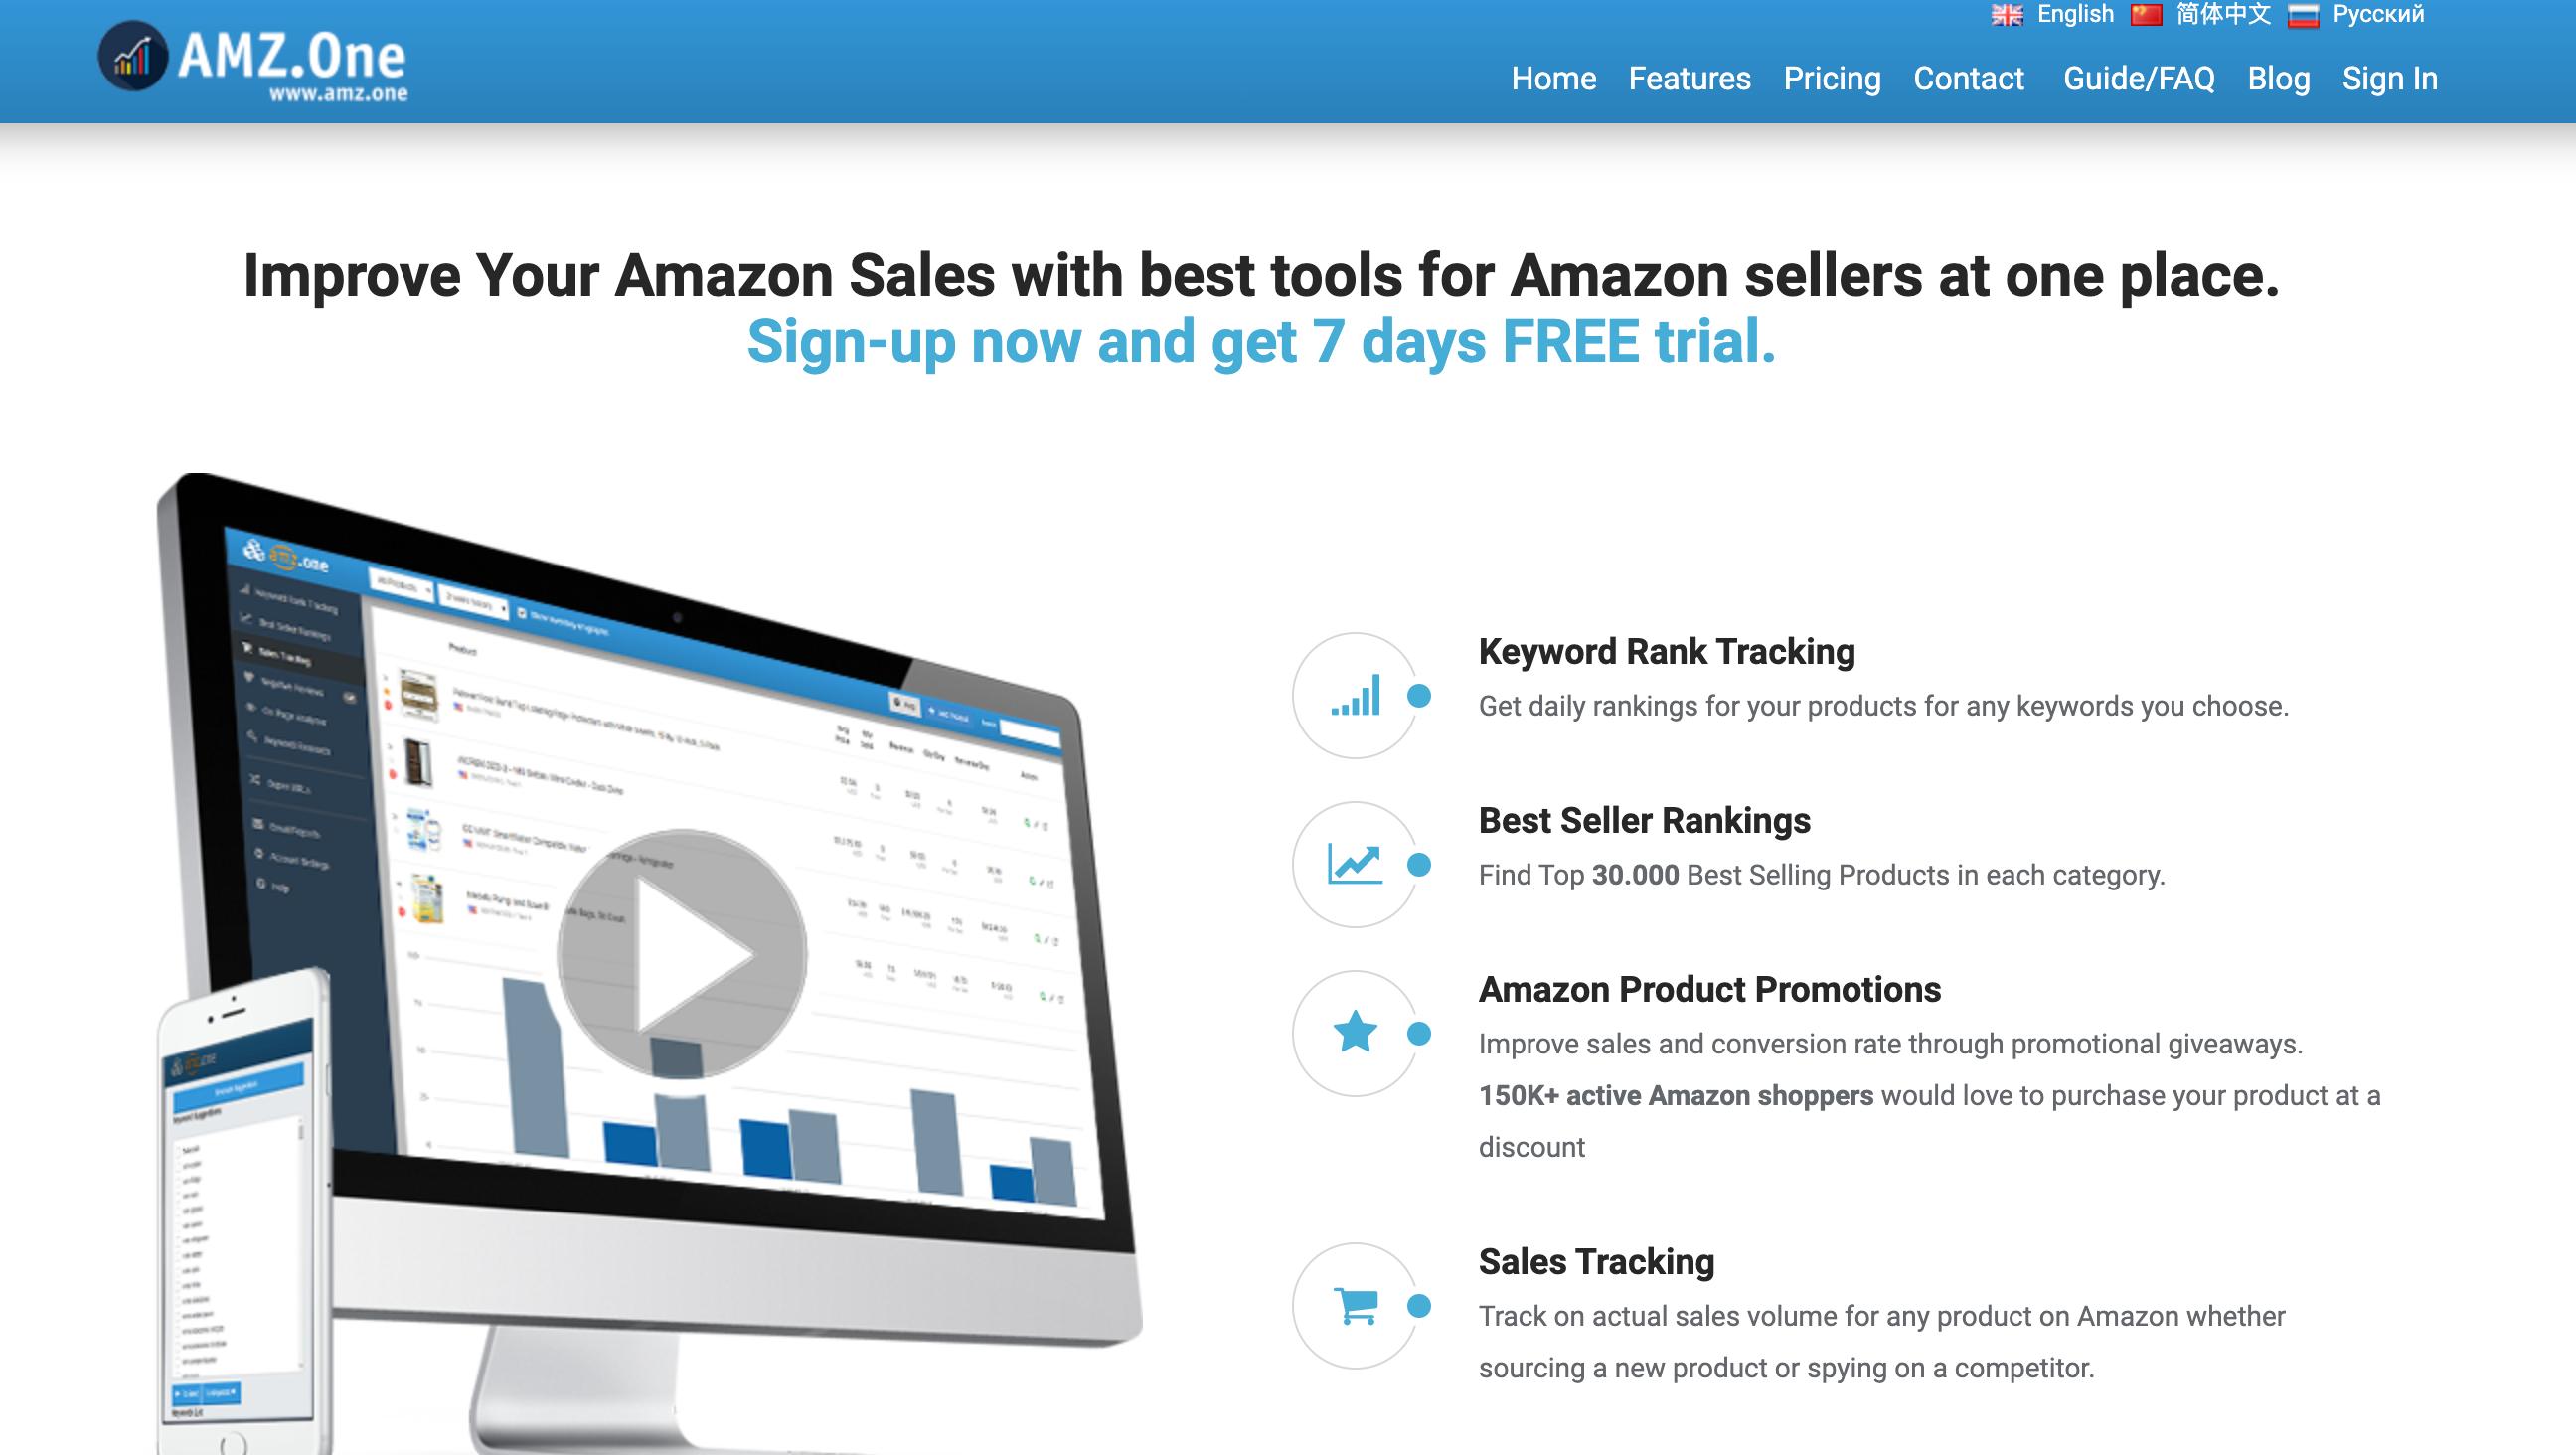 AMZ.One - Amazon Seller tool